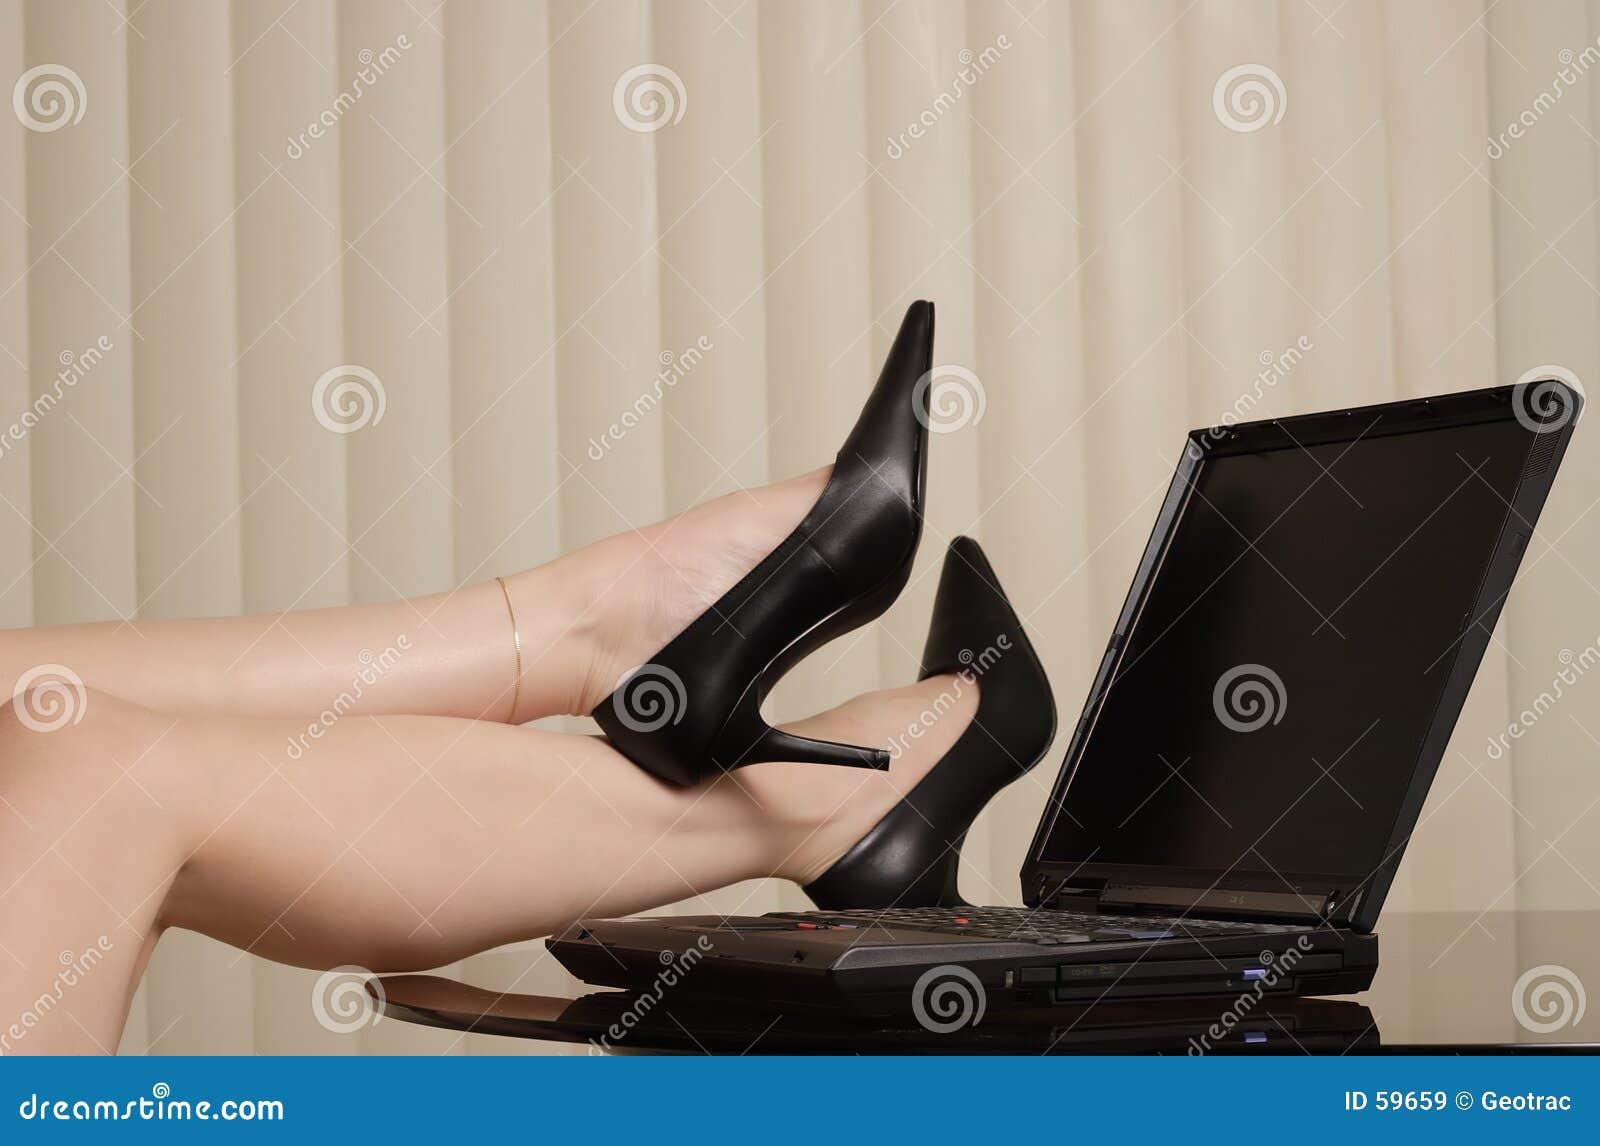 Download Le bossage de dame image stock. Image du haut, noir, pattes - 59659